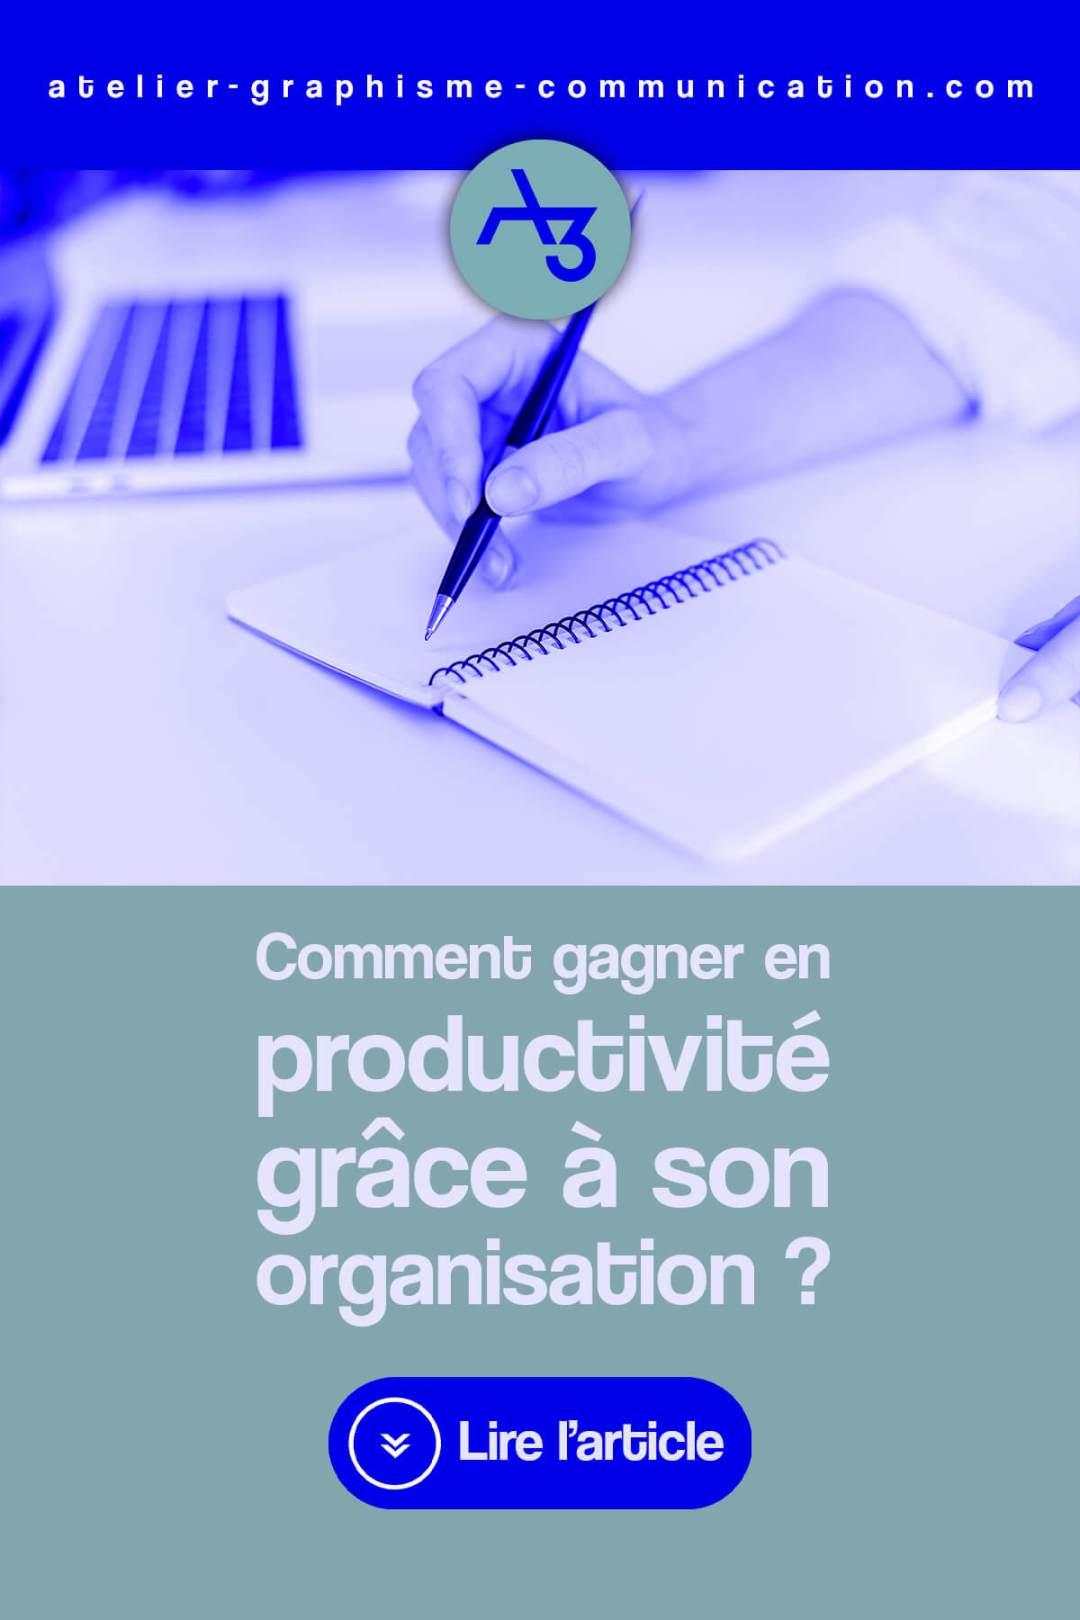 Gagner en productivité grâce à son organisation